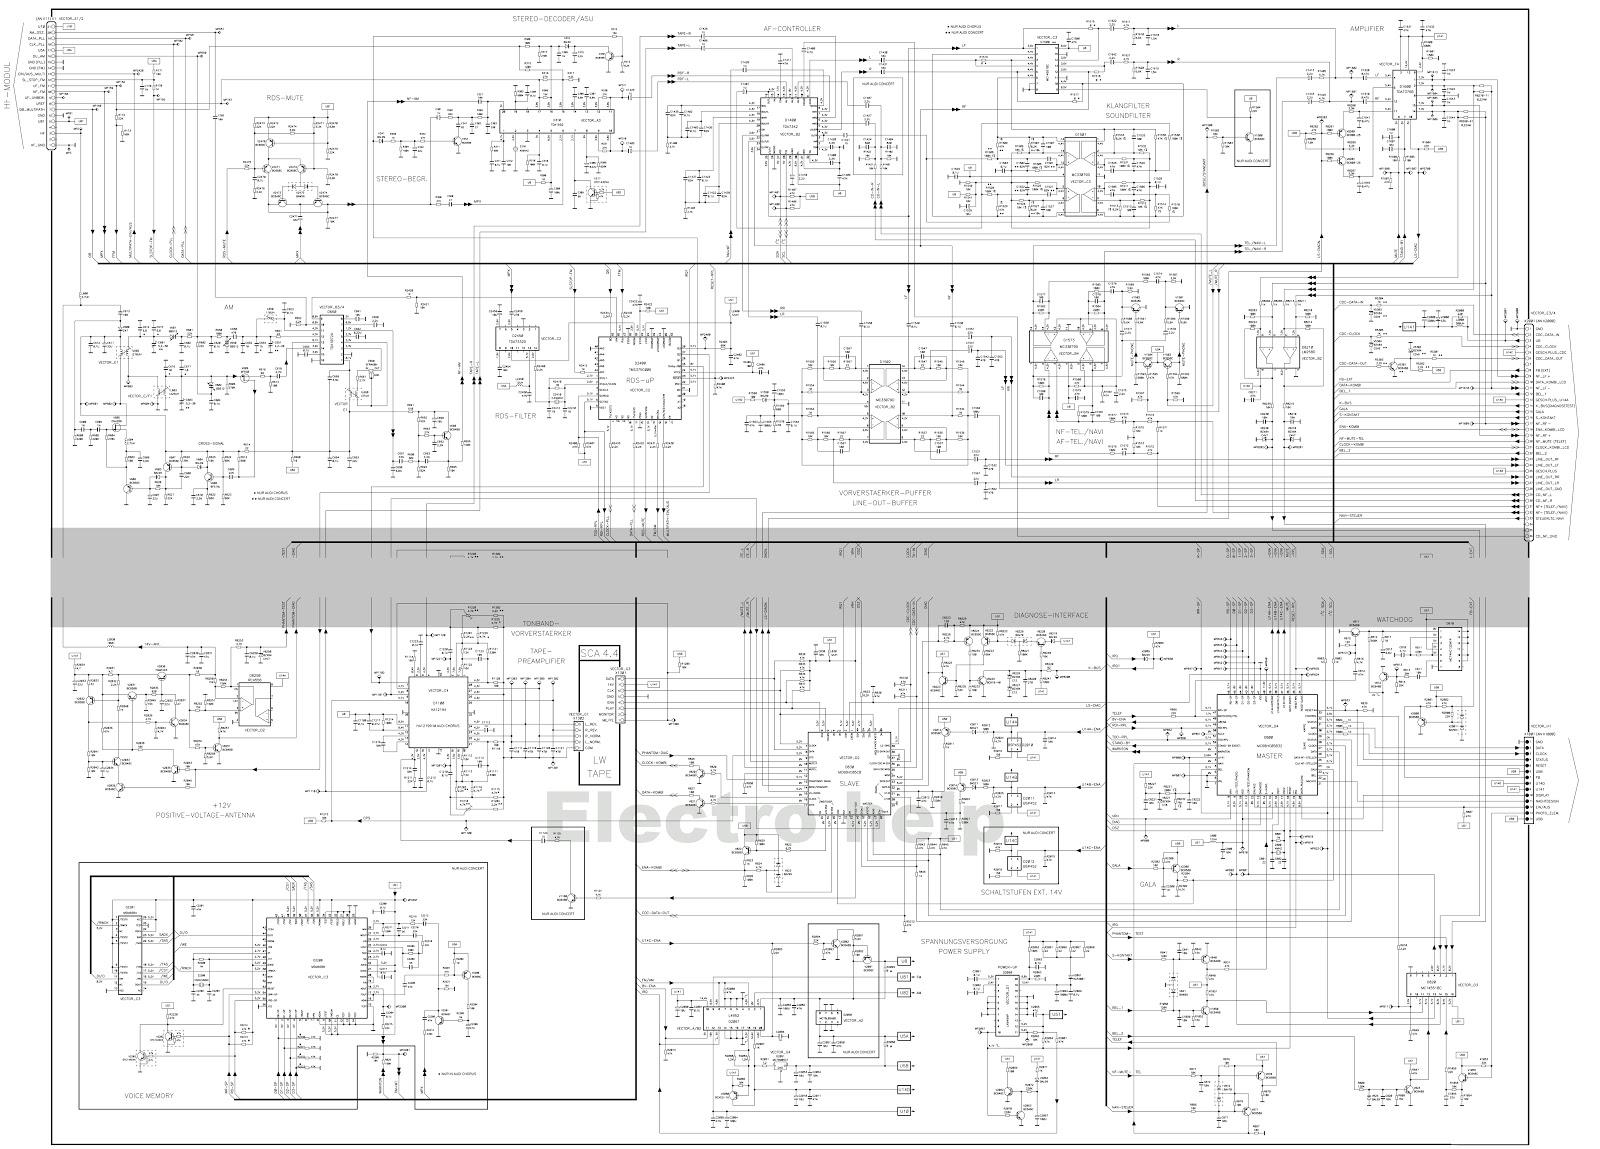 medium resolution of hf module